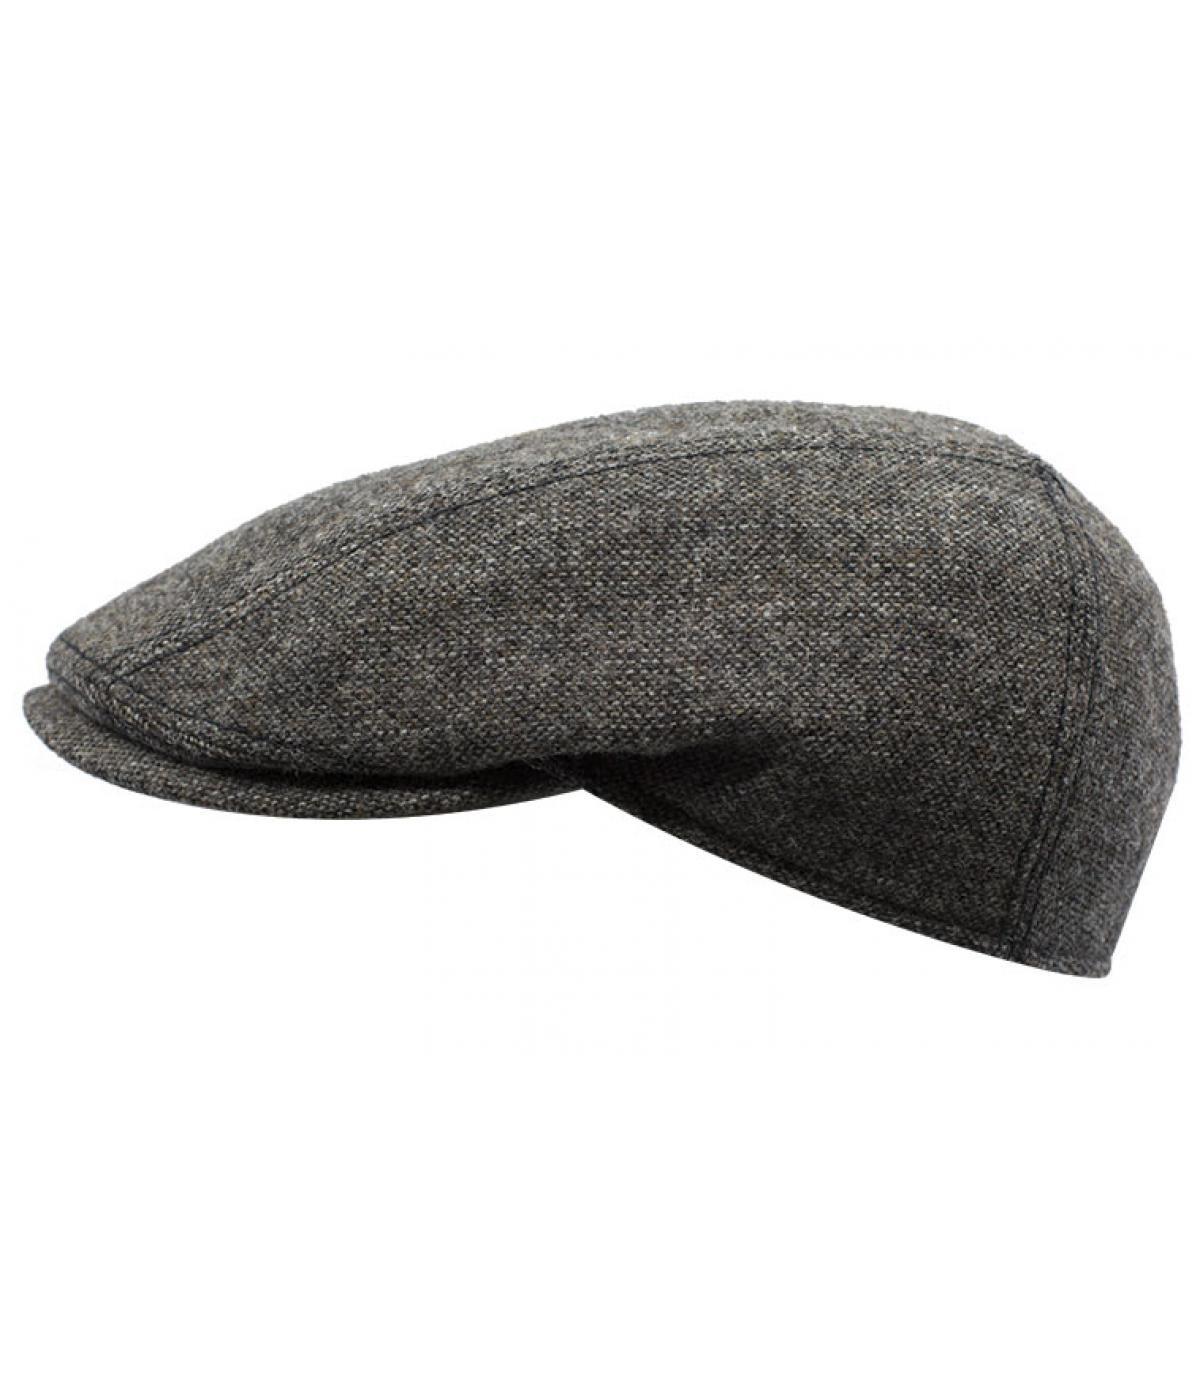 gorra marrón lana Göttmann